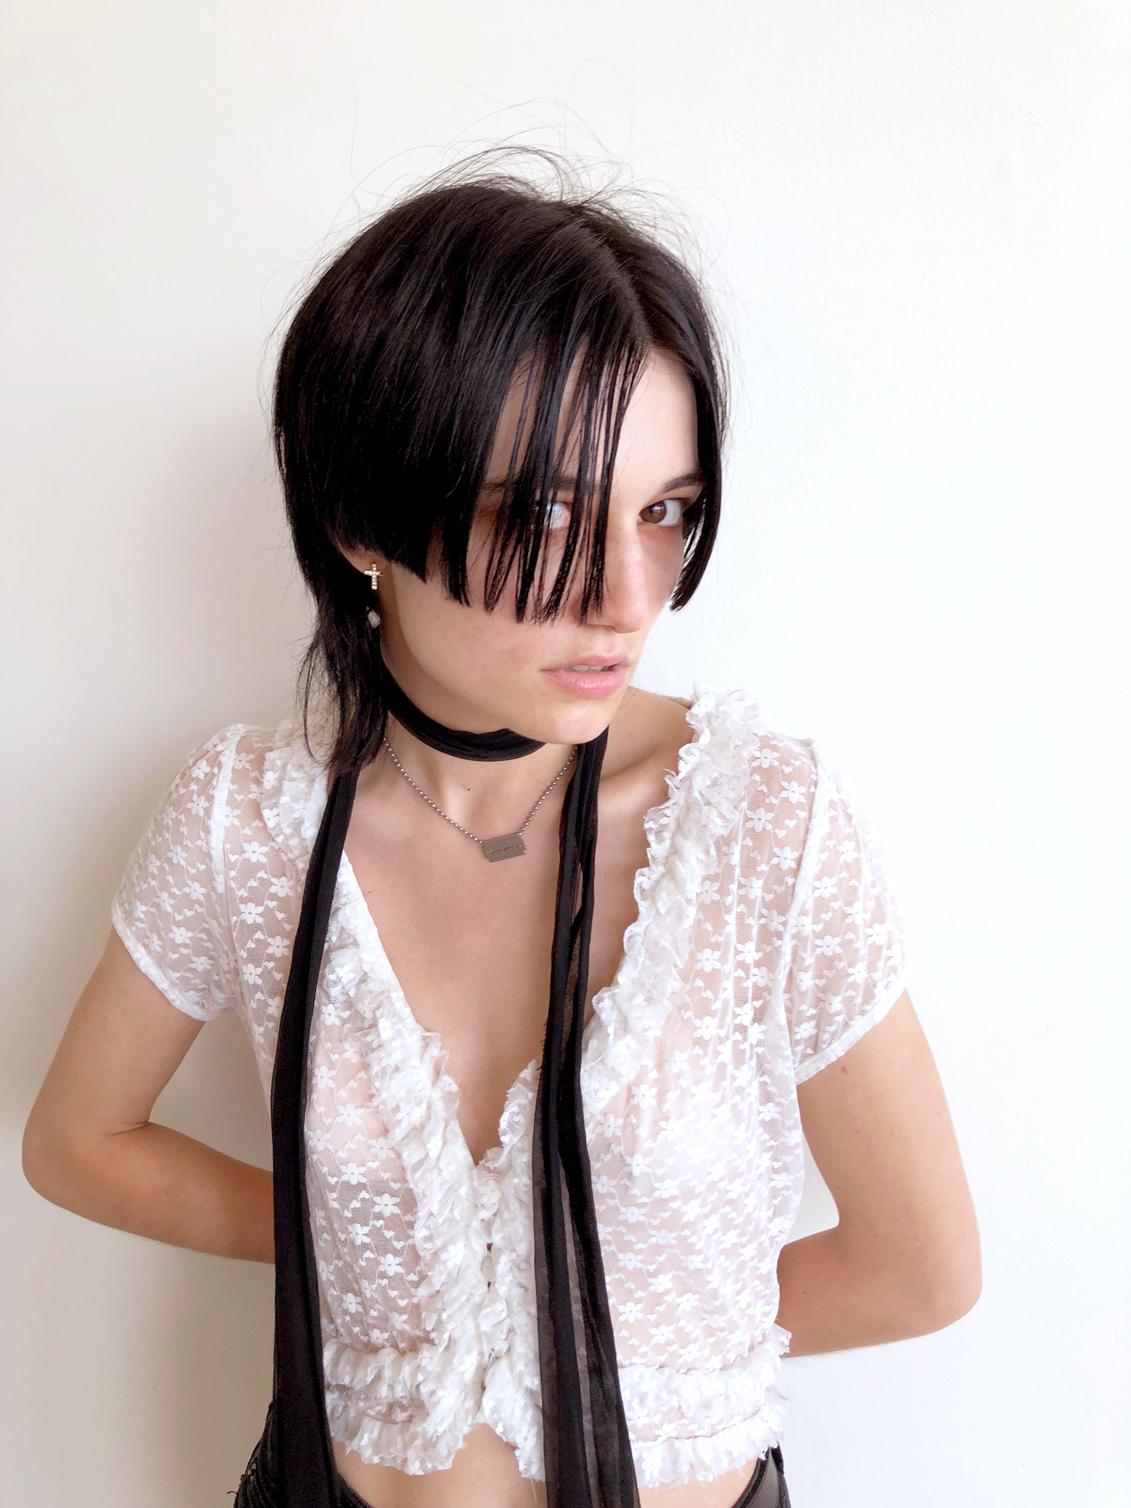 Emma_03.jpg